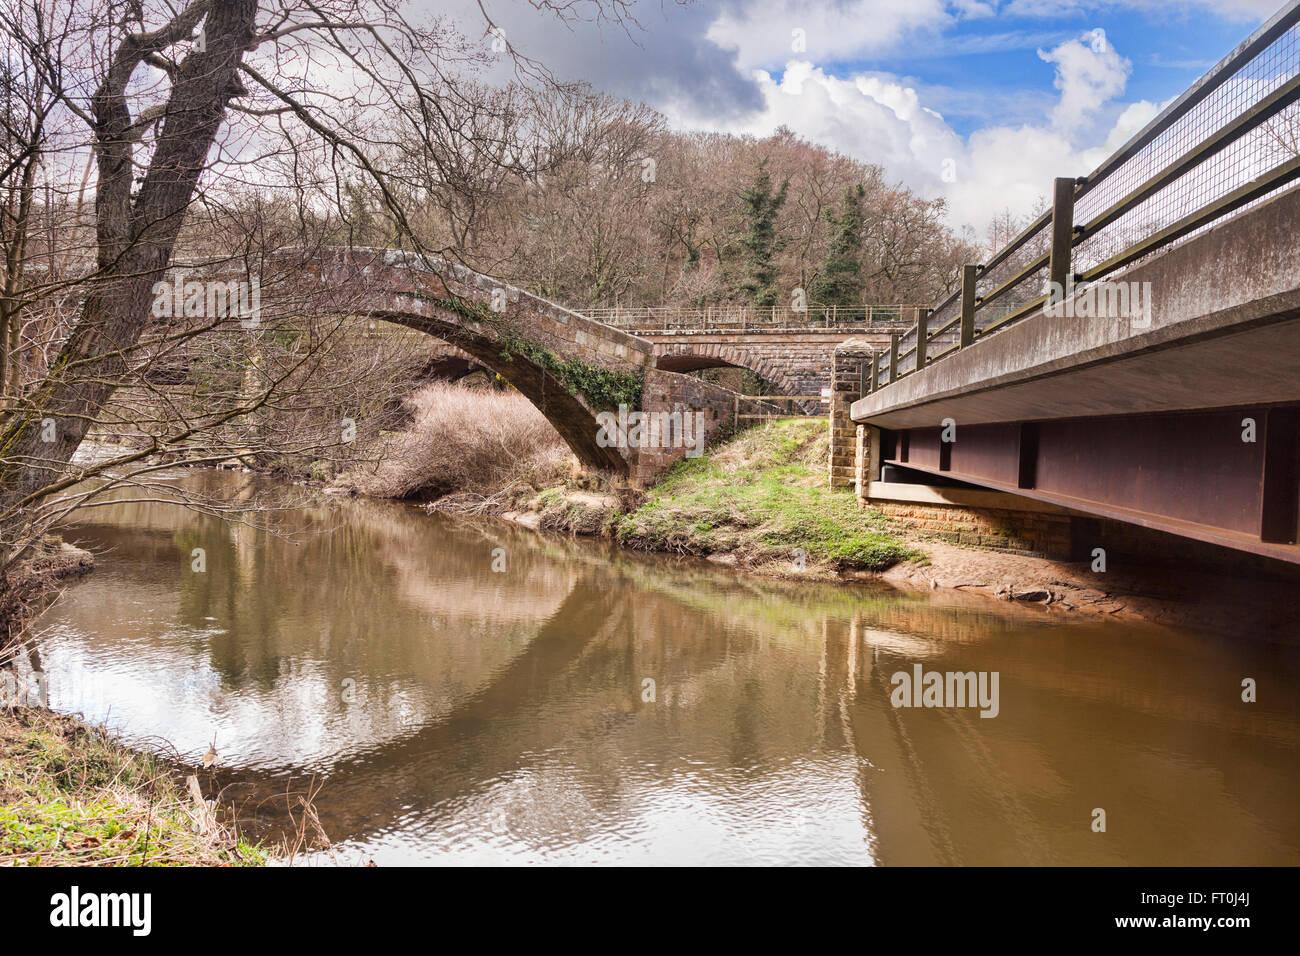 I Tre ponti a Glaisdale, North Yorkshire, Inghilterra, Regno Unito - l'antico ponte packhorse noto come mendicanti Immagini Stock